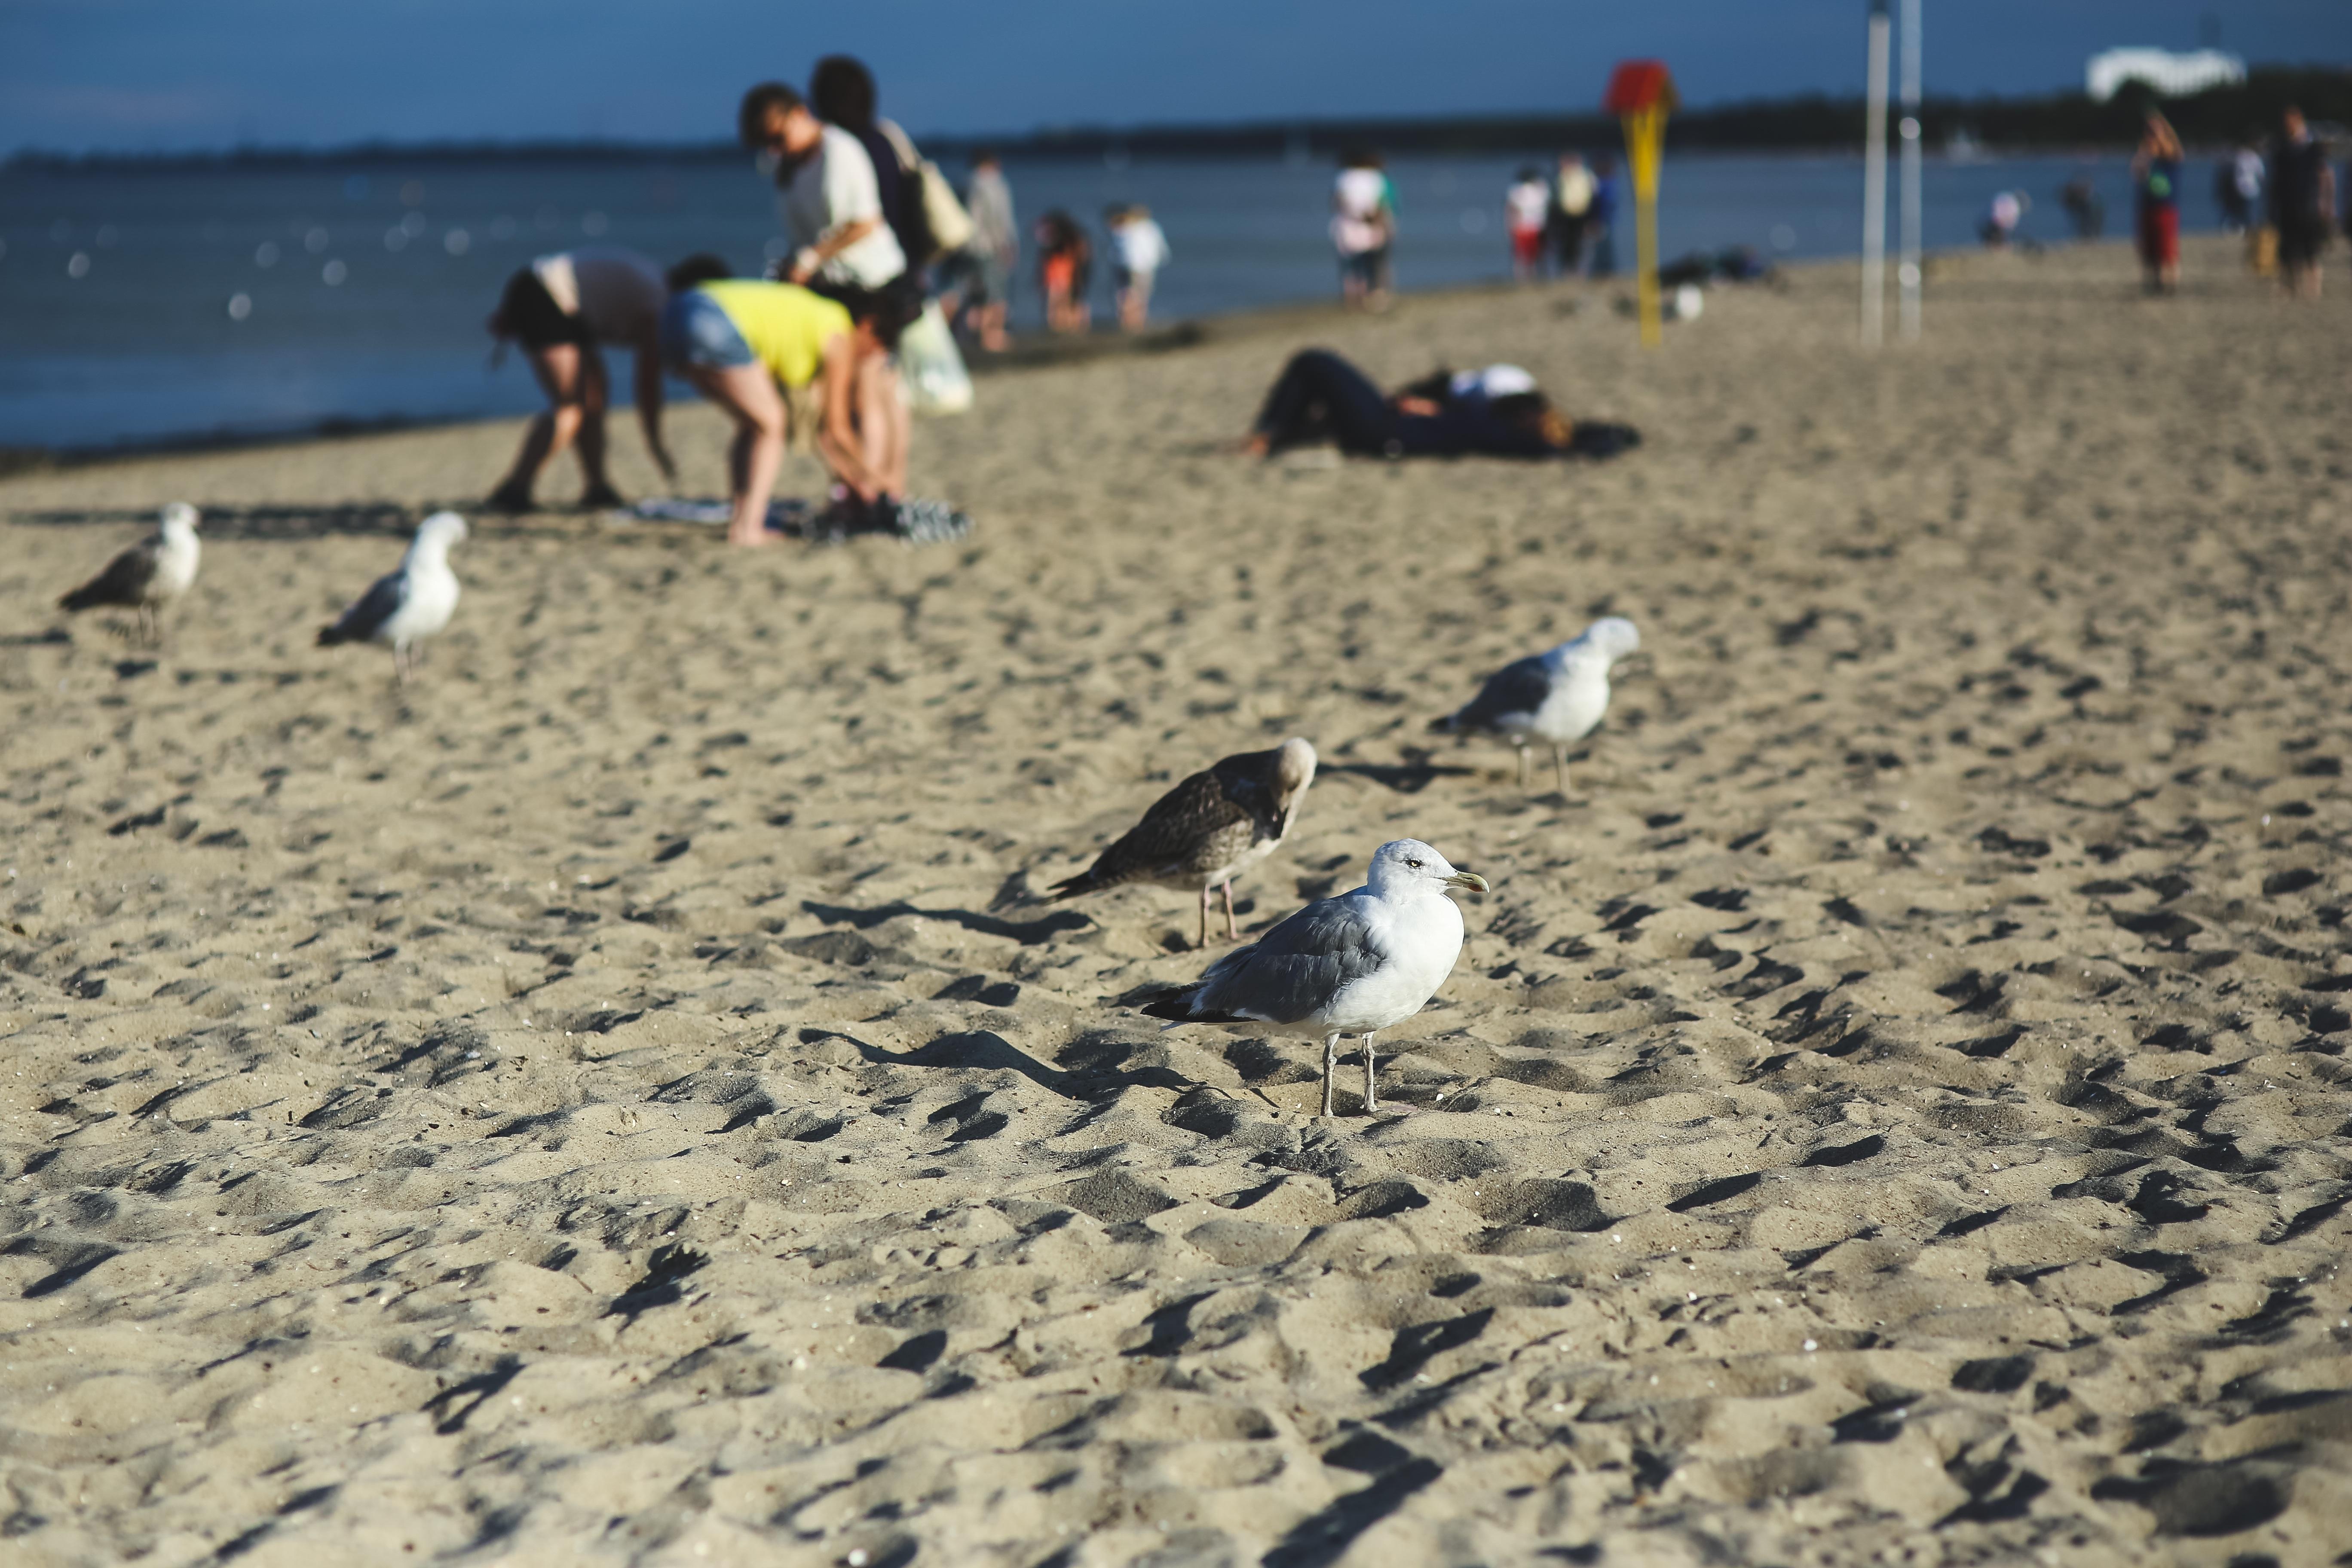 Photos of seagulls on the beach